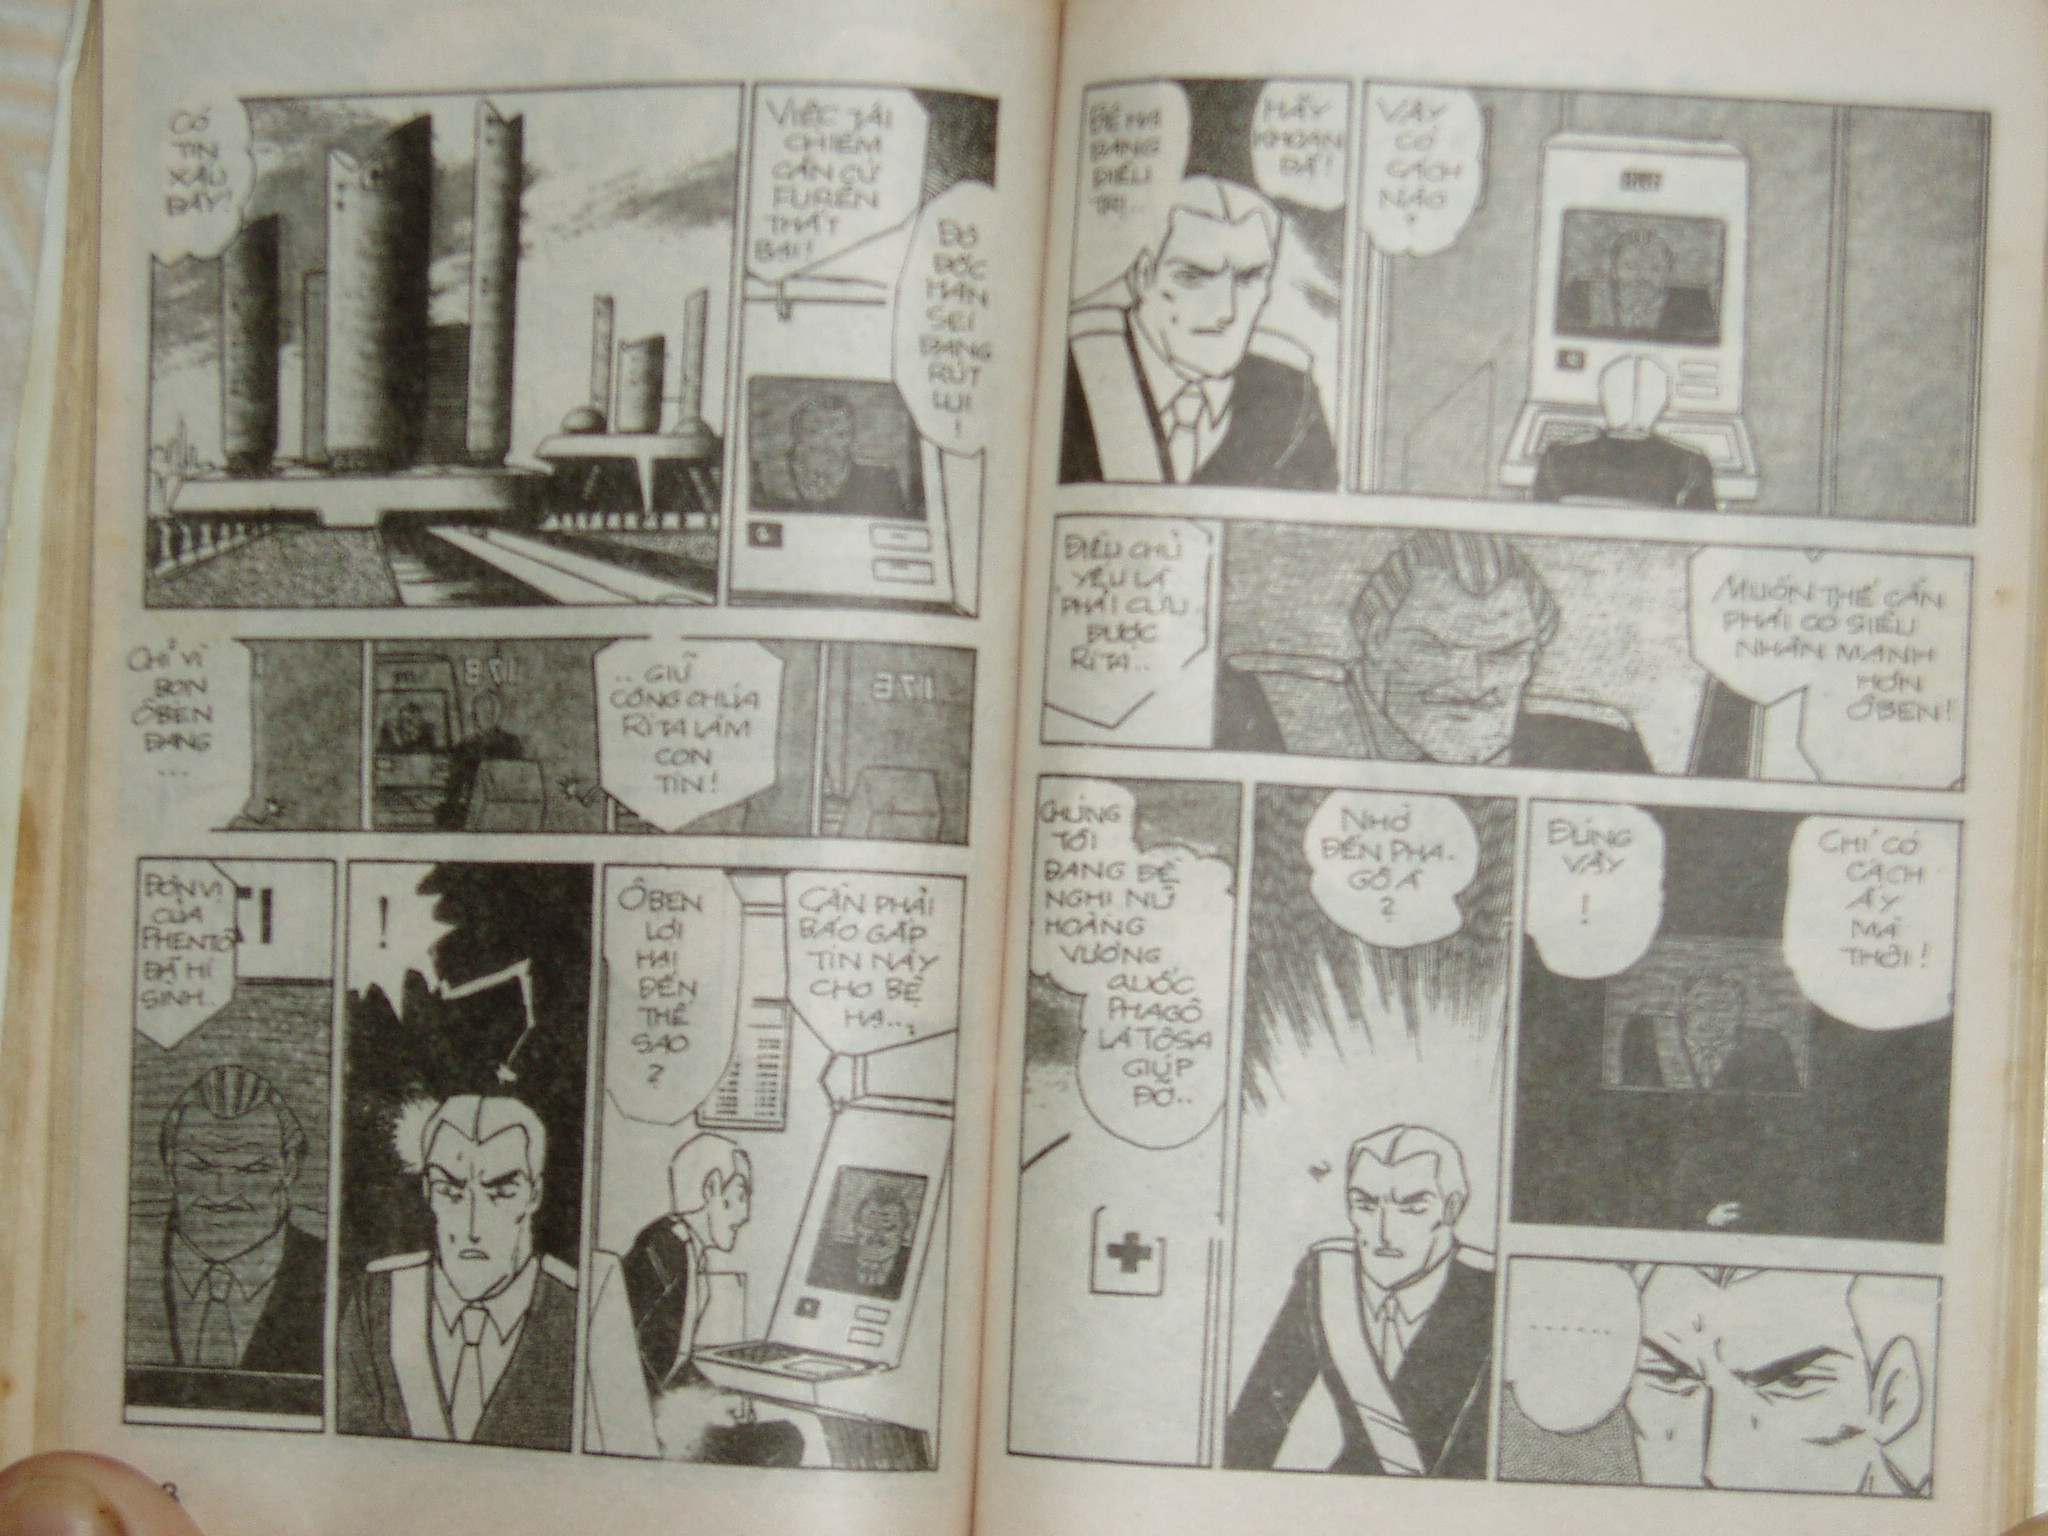 Siêu nhân Locke vol 13 trang 51